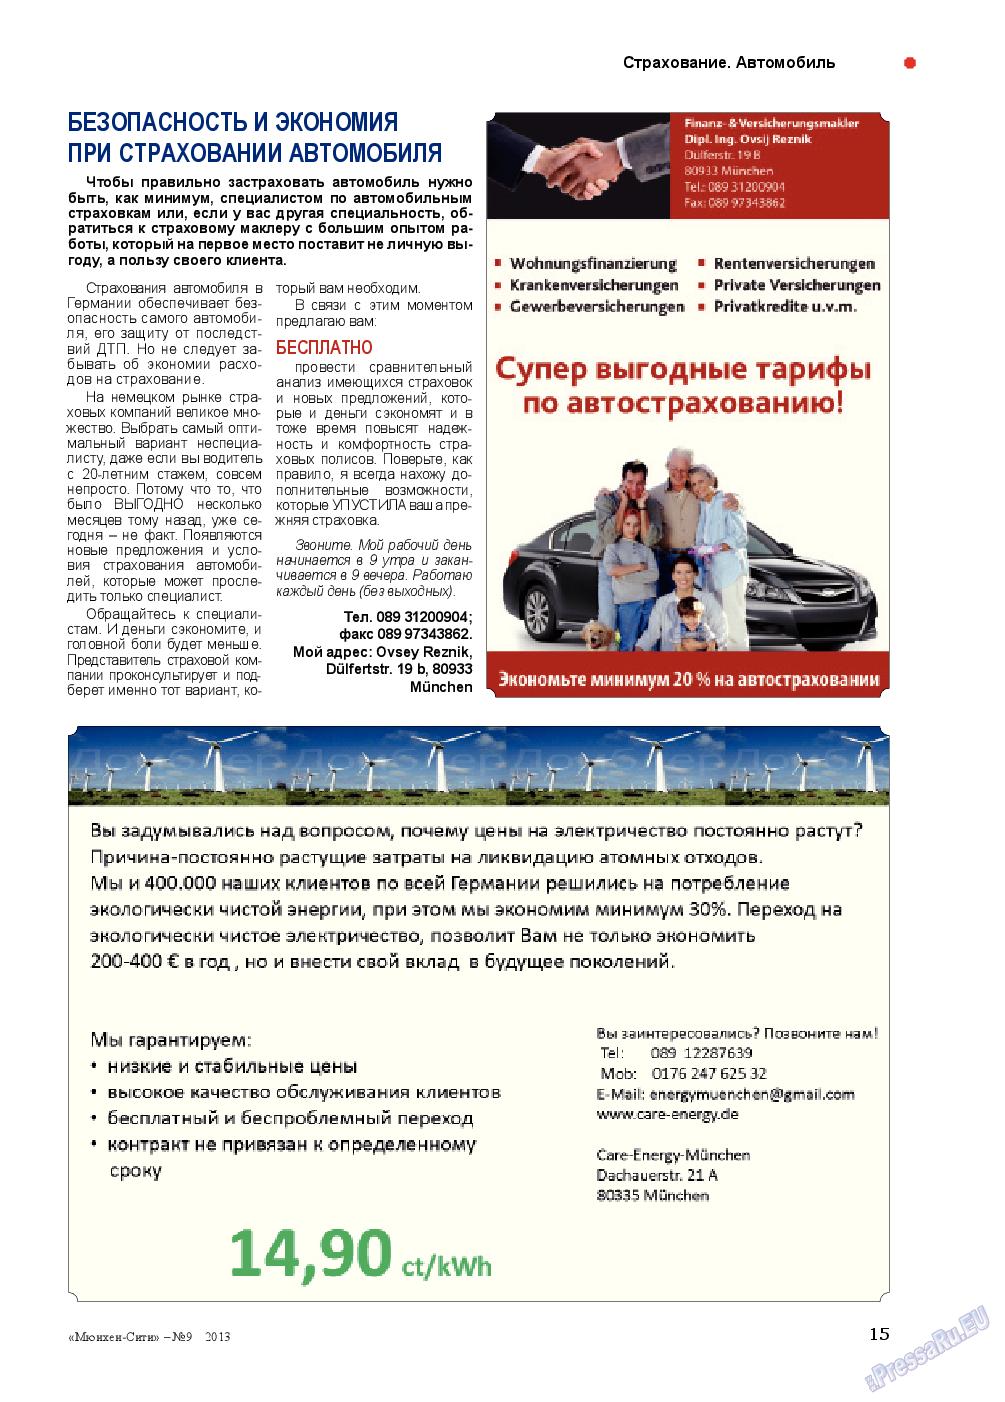 Мюнхен-сити (журнал). 2013 год, номер 9, стр. 15